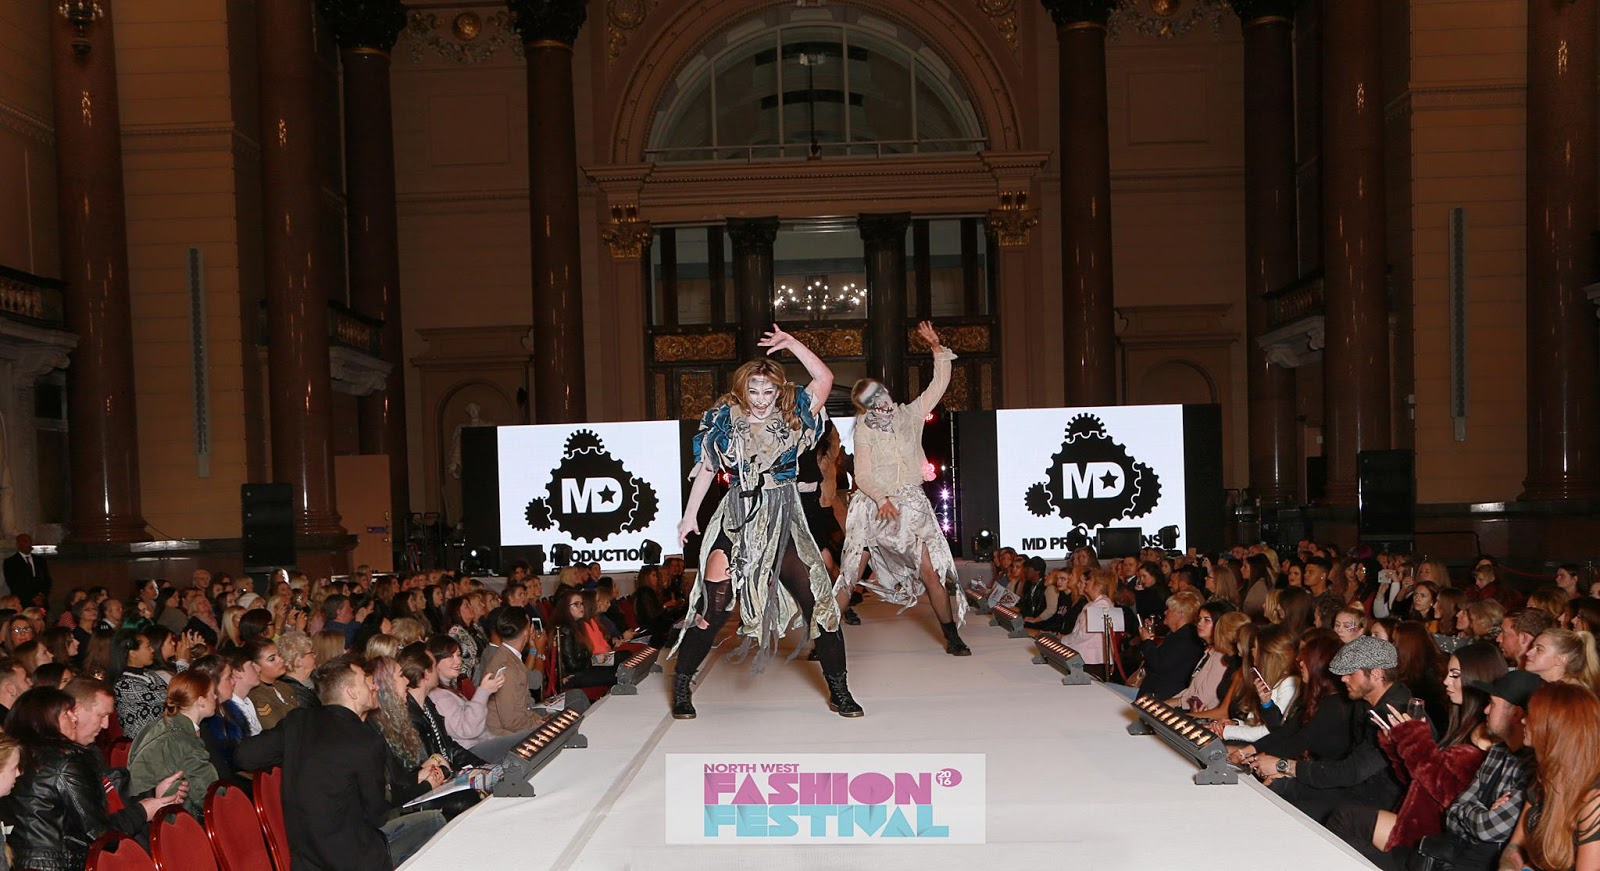 North West Fashion Festival